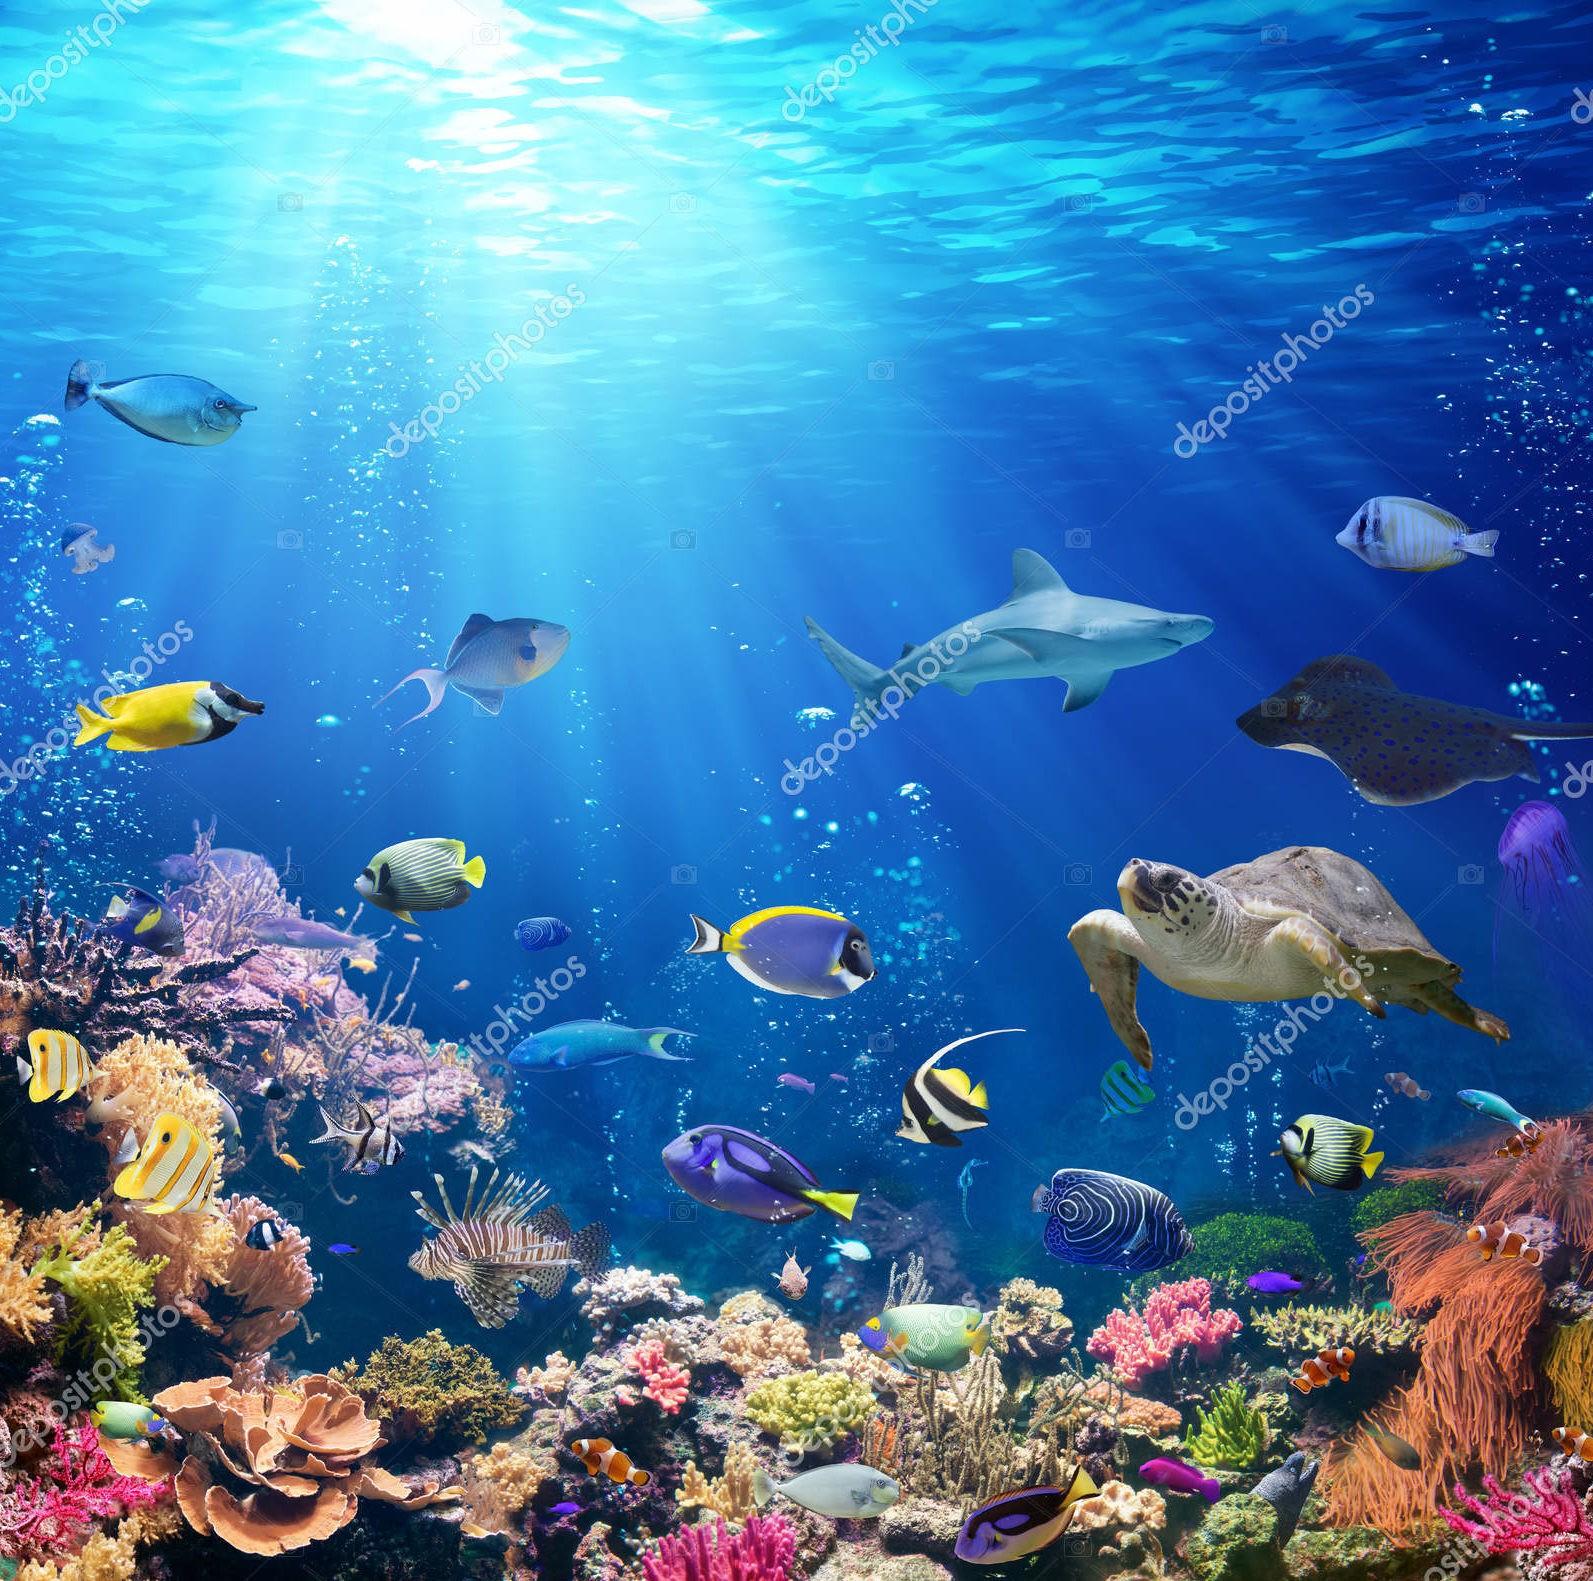 Коралловый риф и тропические рыбы